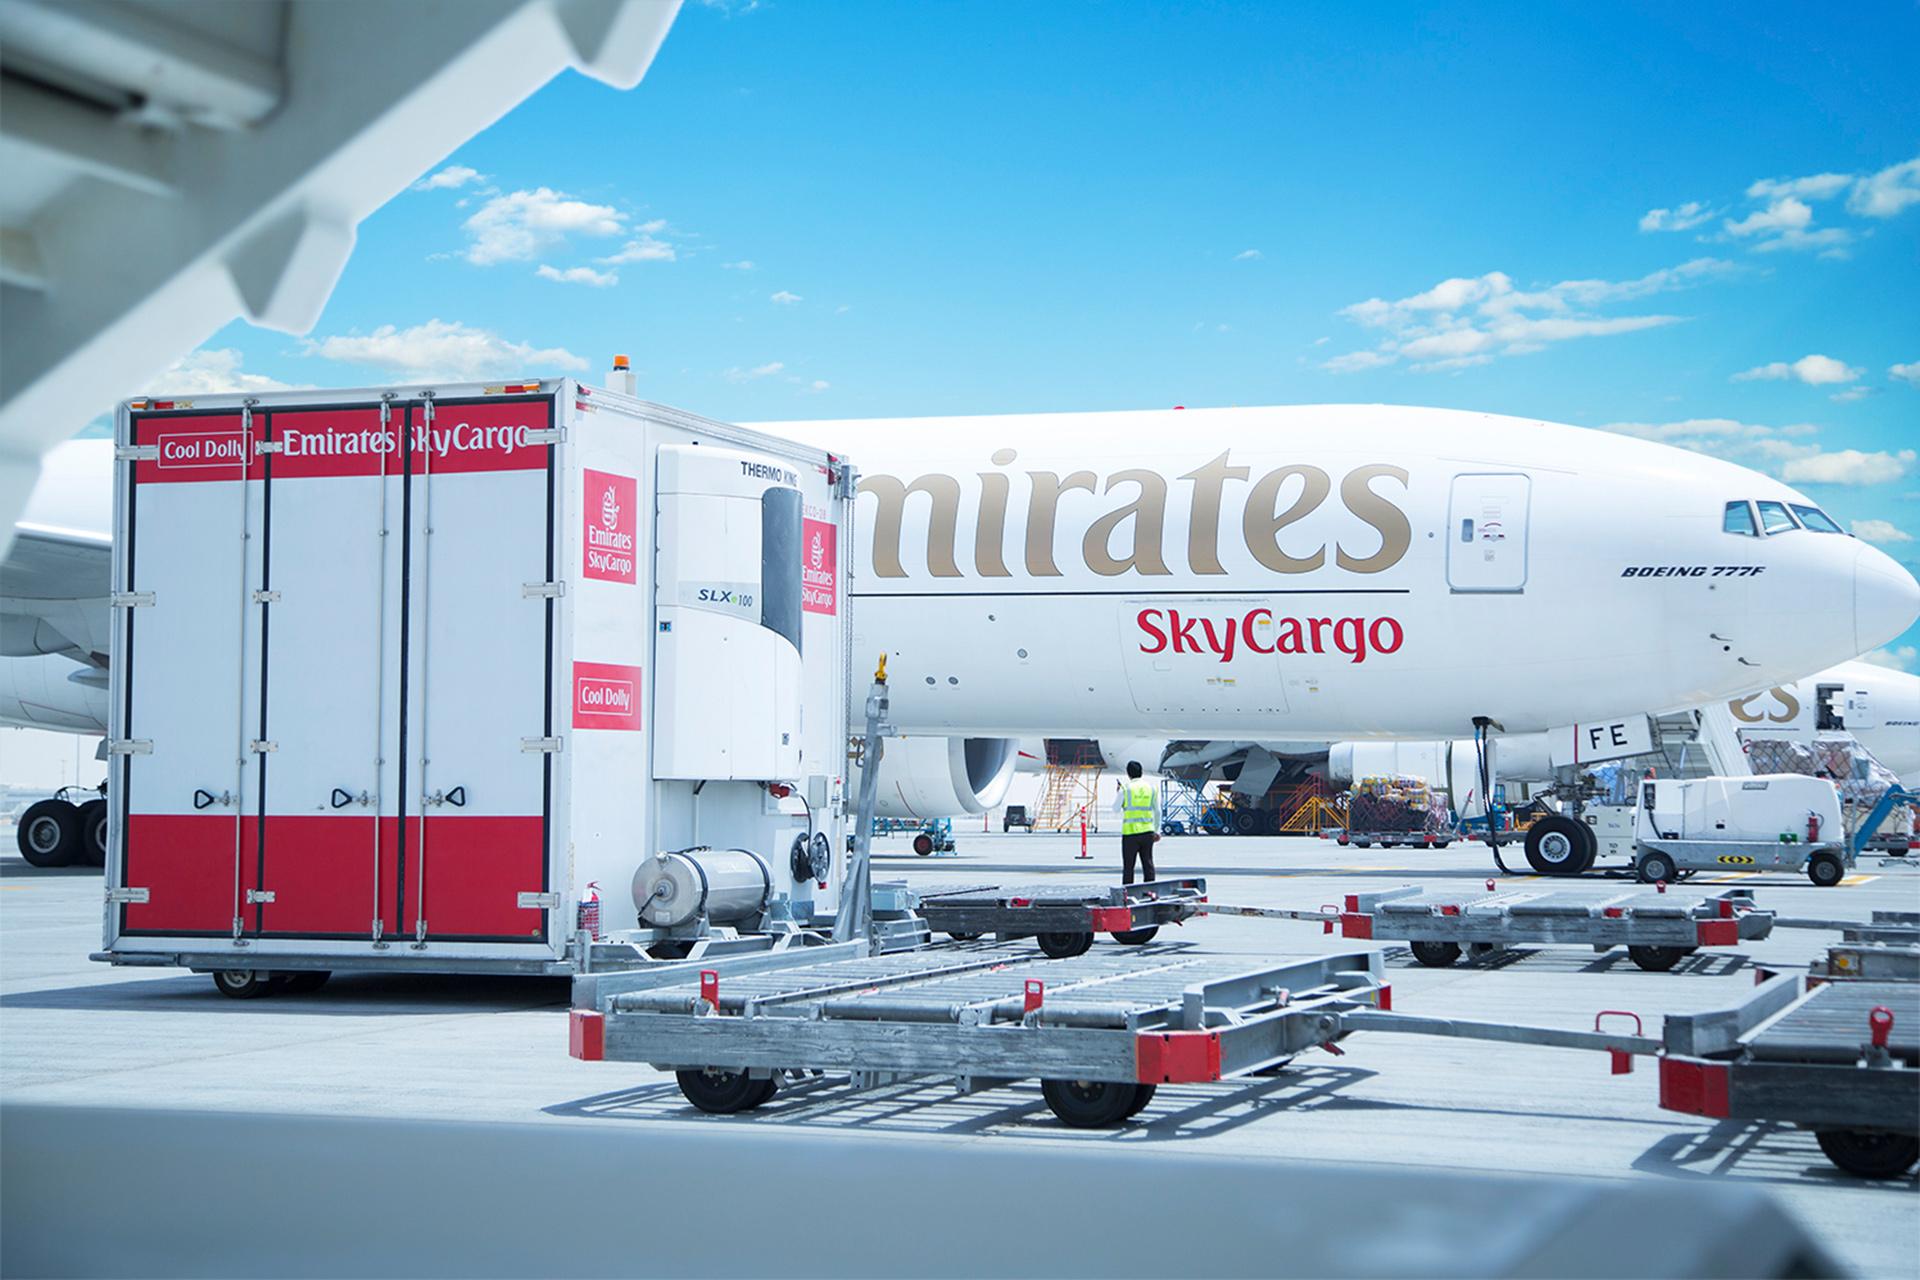 هواپیمایی اسکای کارگو